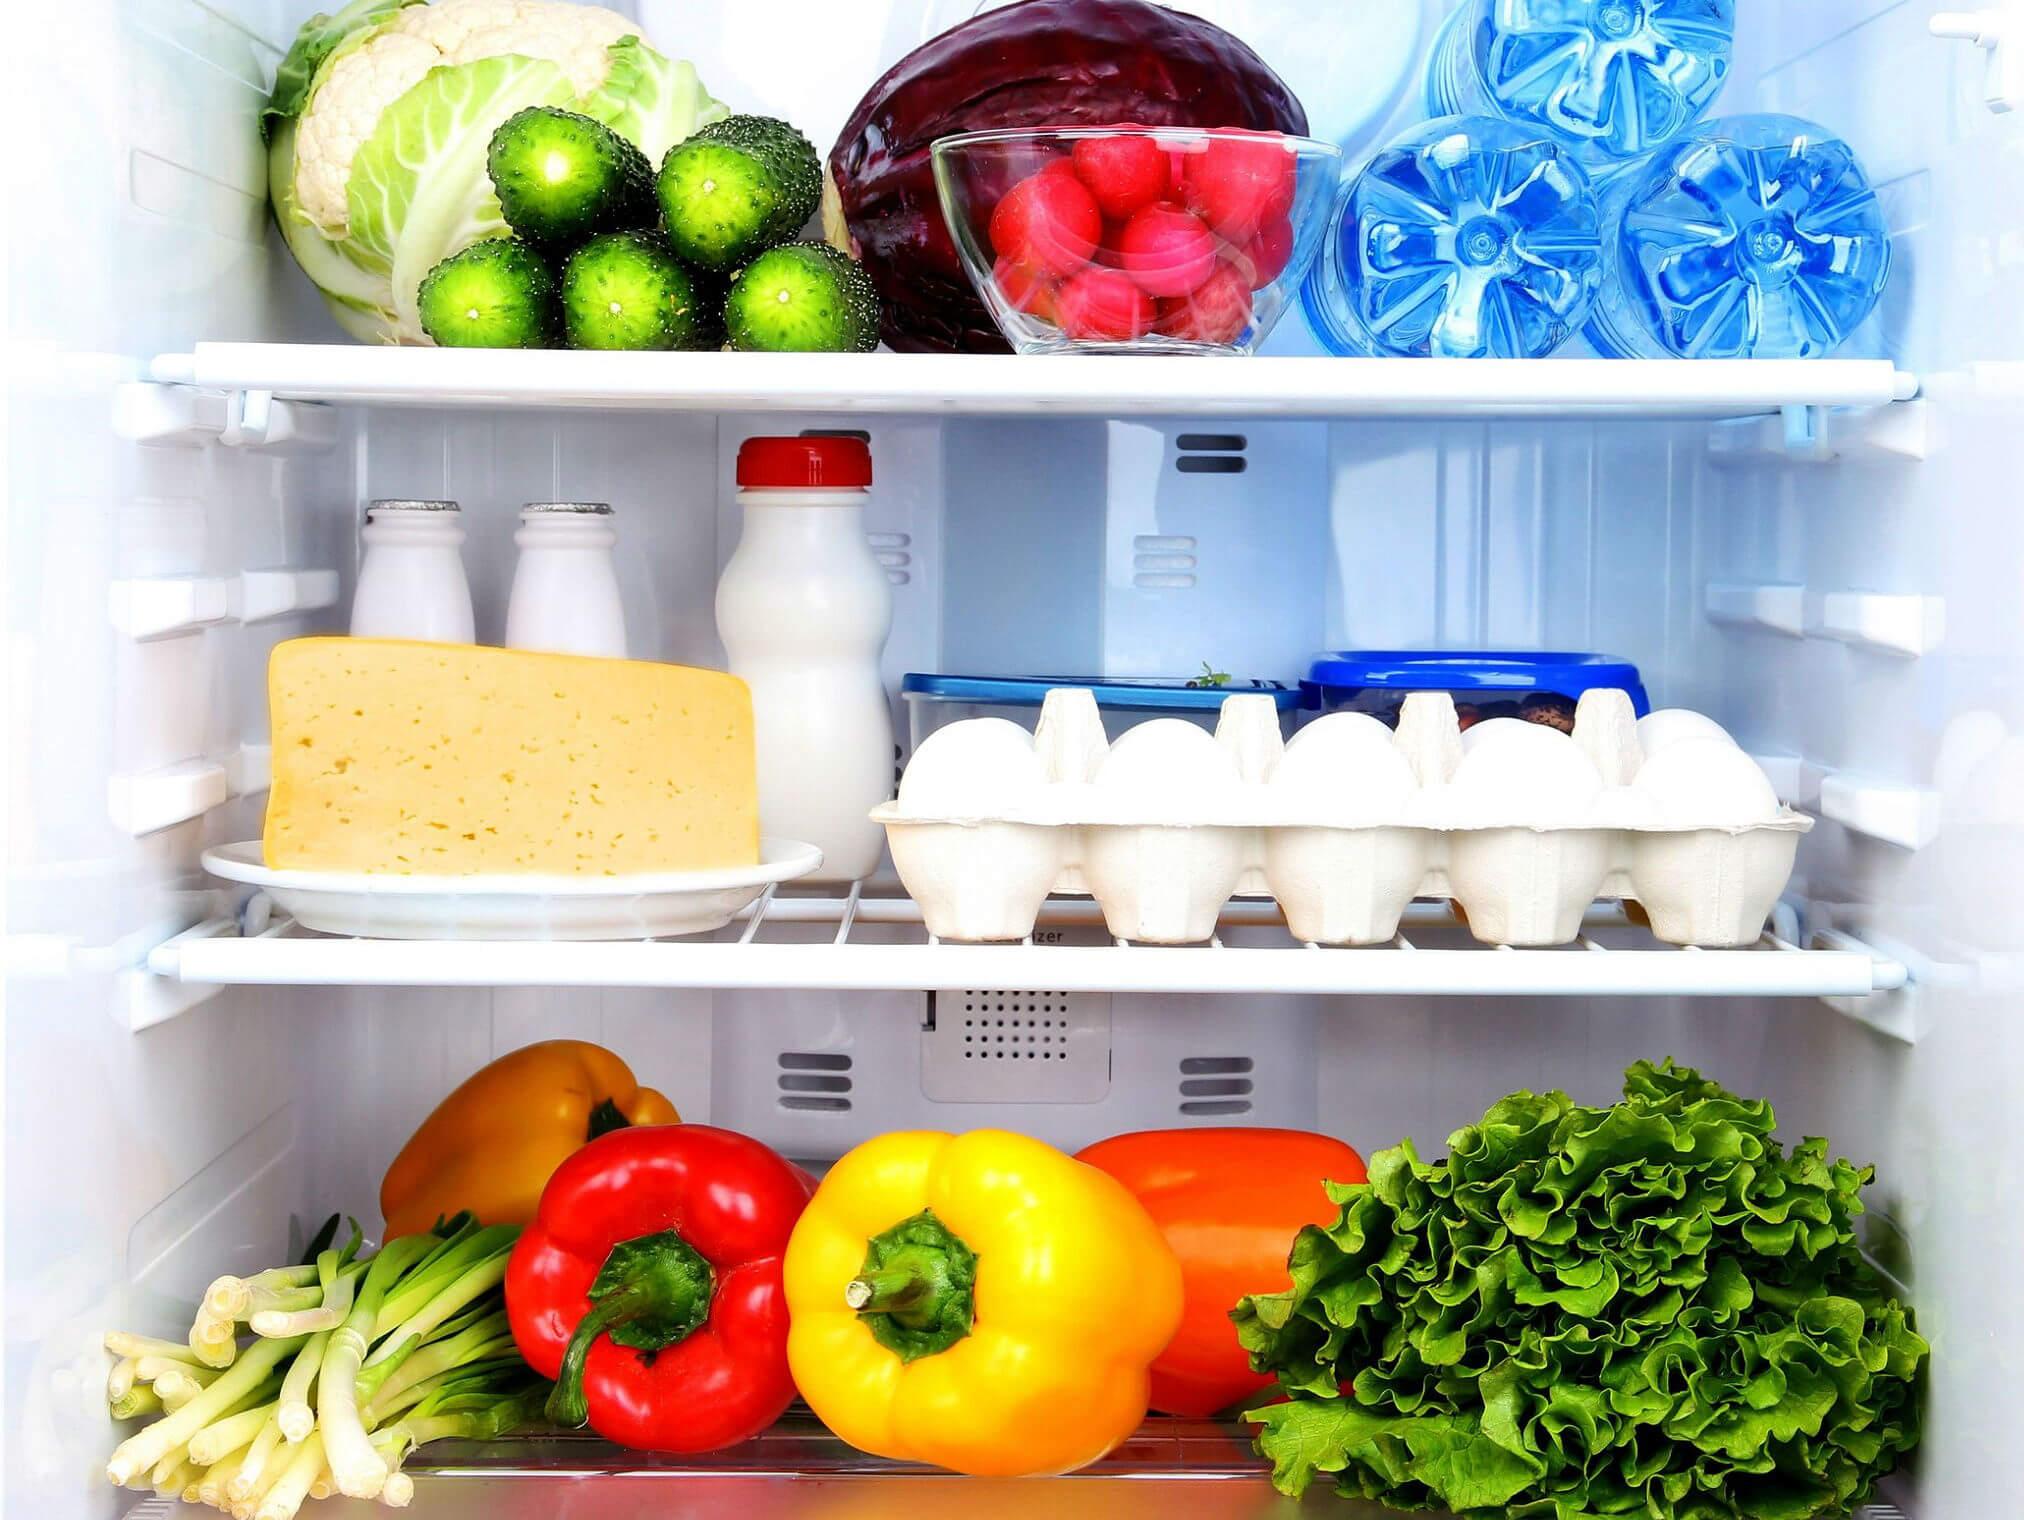 Mẹo bảo quản thức ăn cho trẻ đúng cách không bị mất chất dinh dưỡng